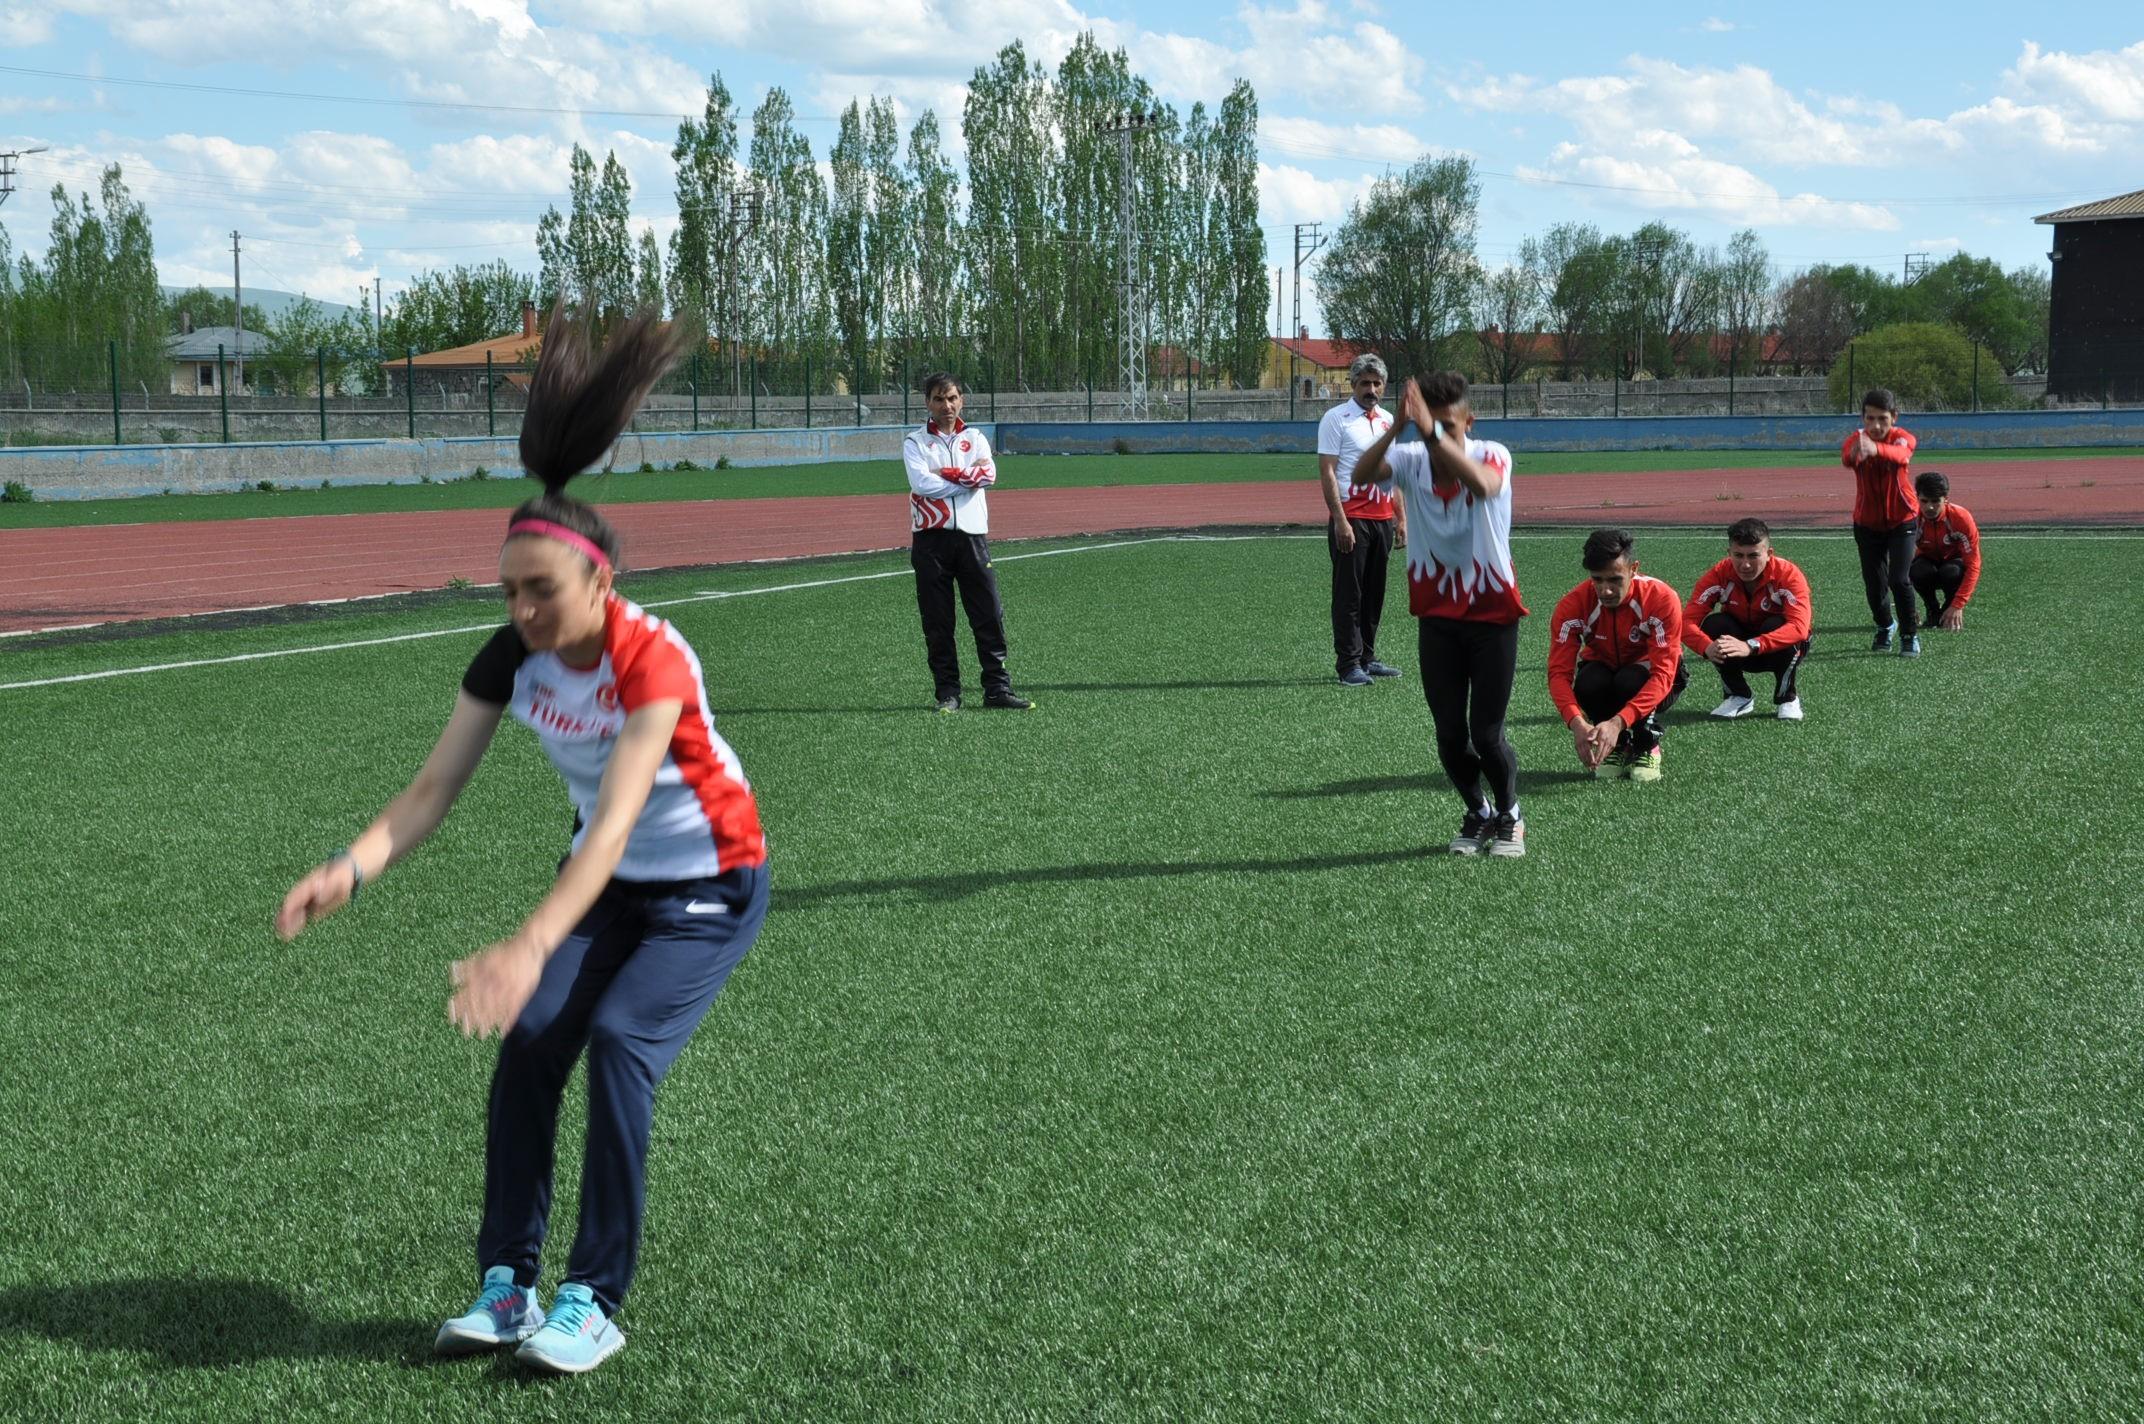 karsli-milli-atletler,-calismalarini-bayramda-da-surduruyor-(3).jpg